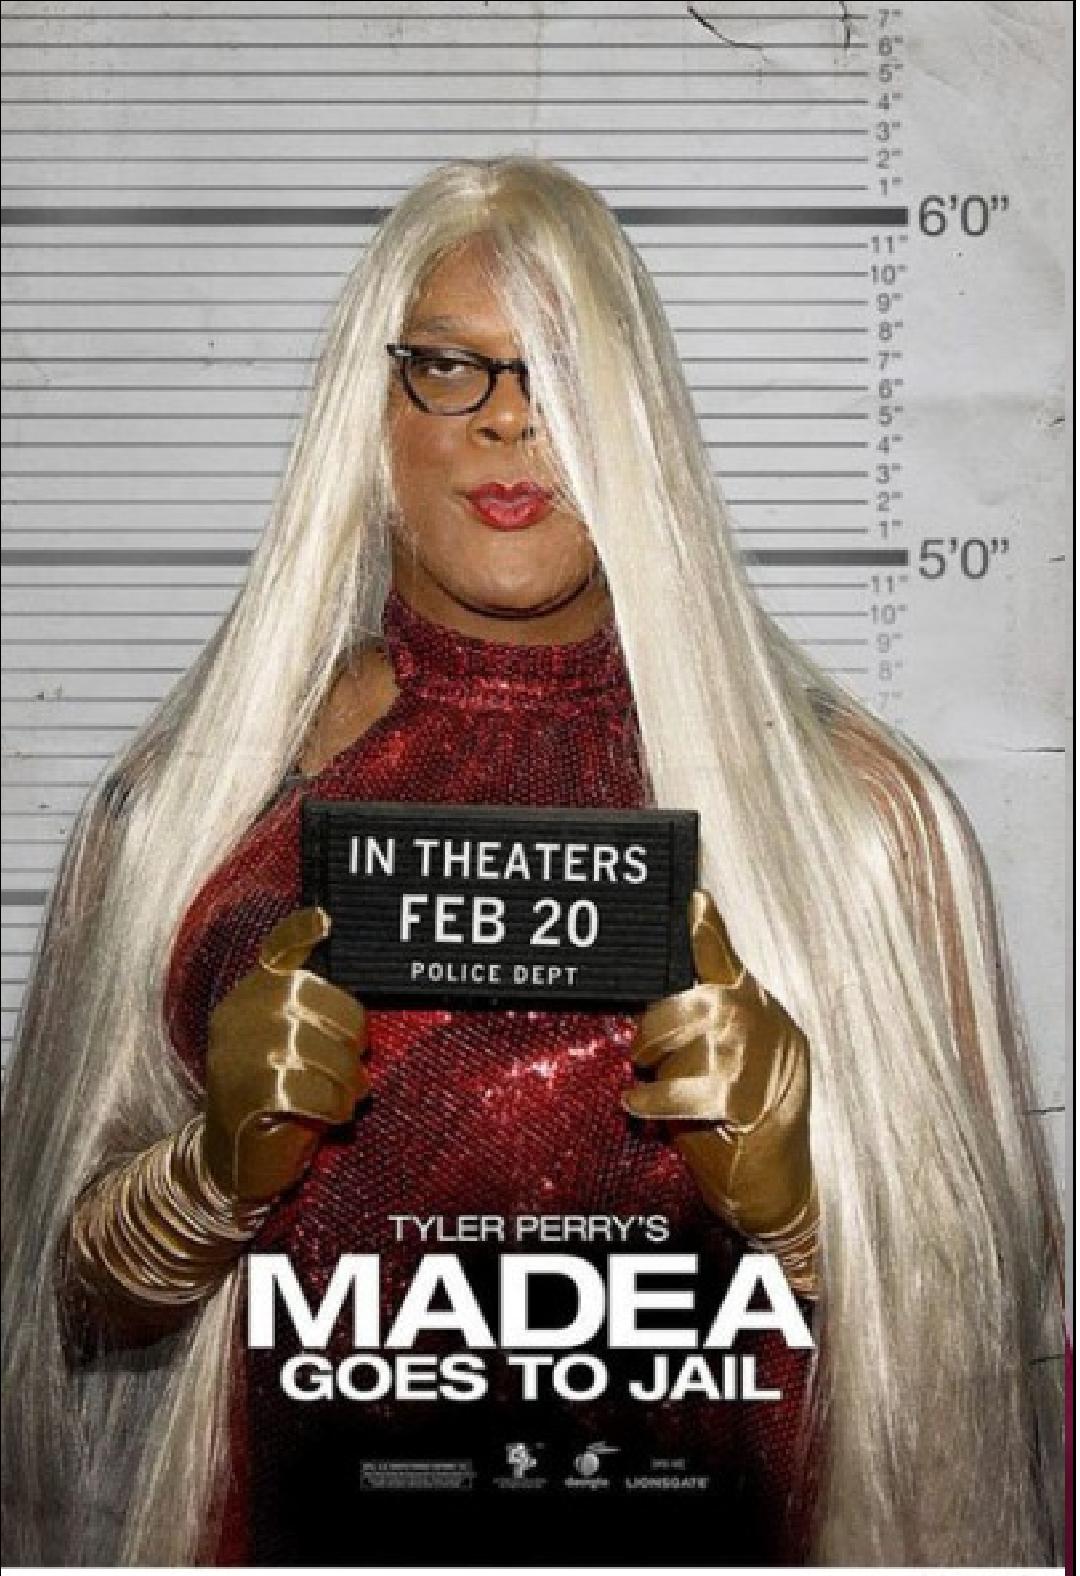 Madea Identity TheftTyler Perry Madea Gun